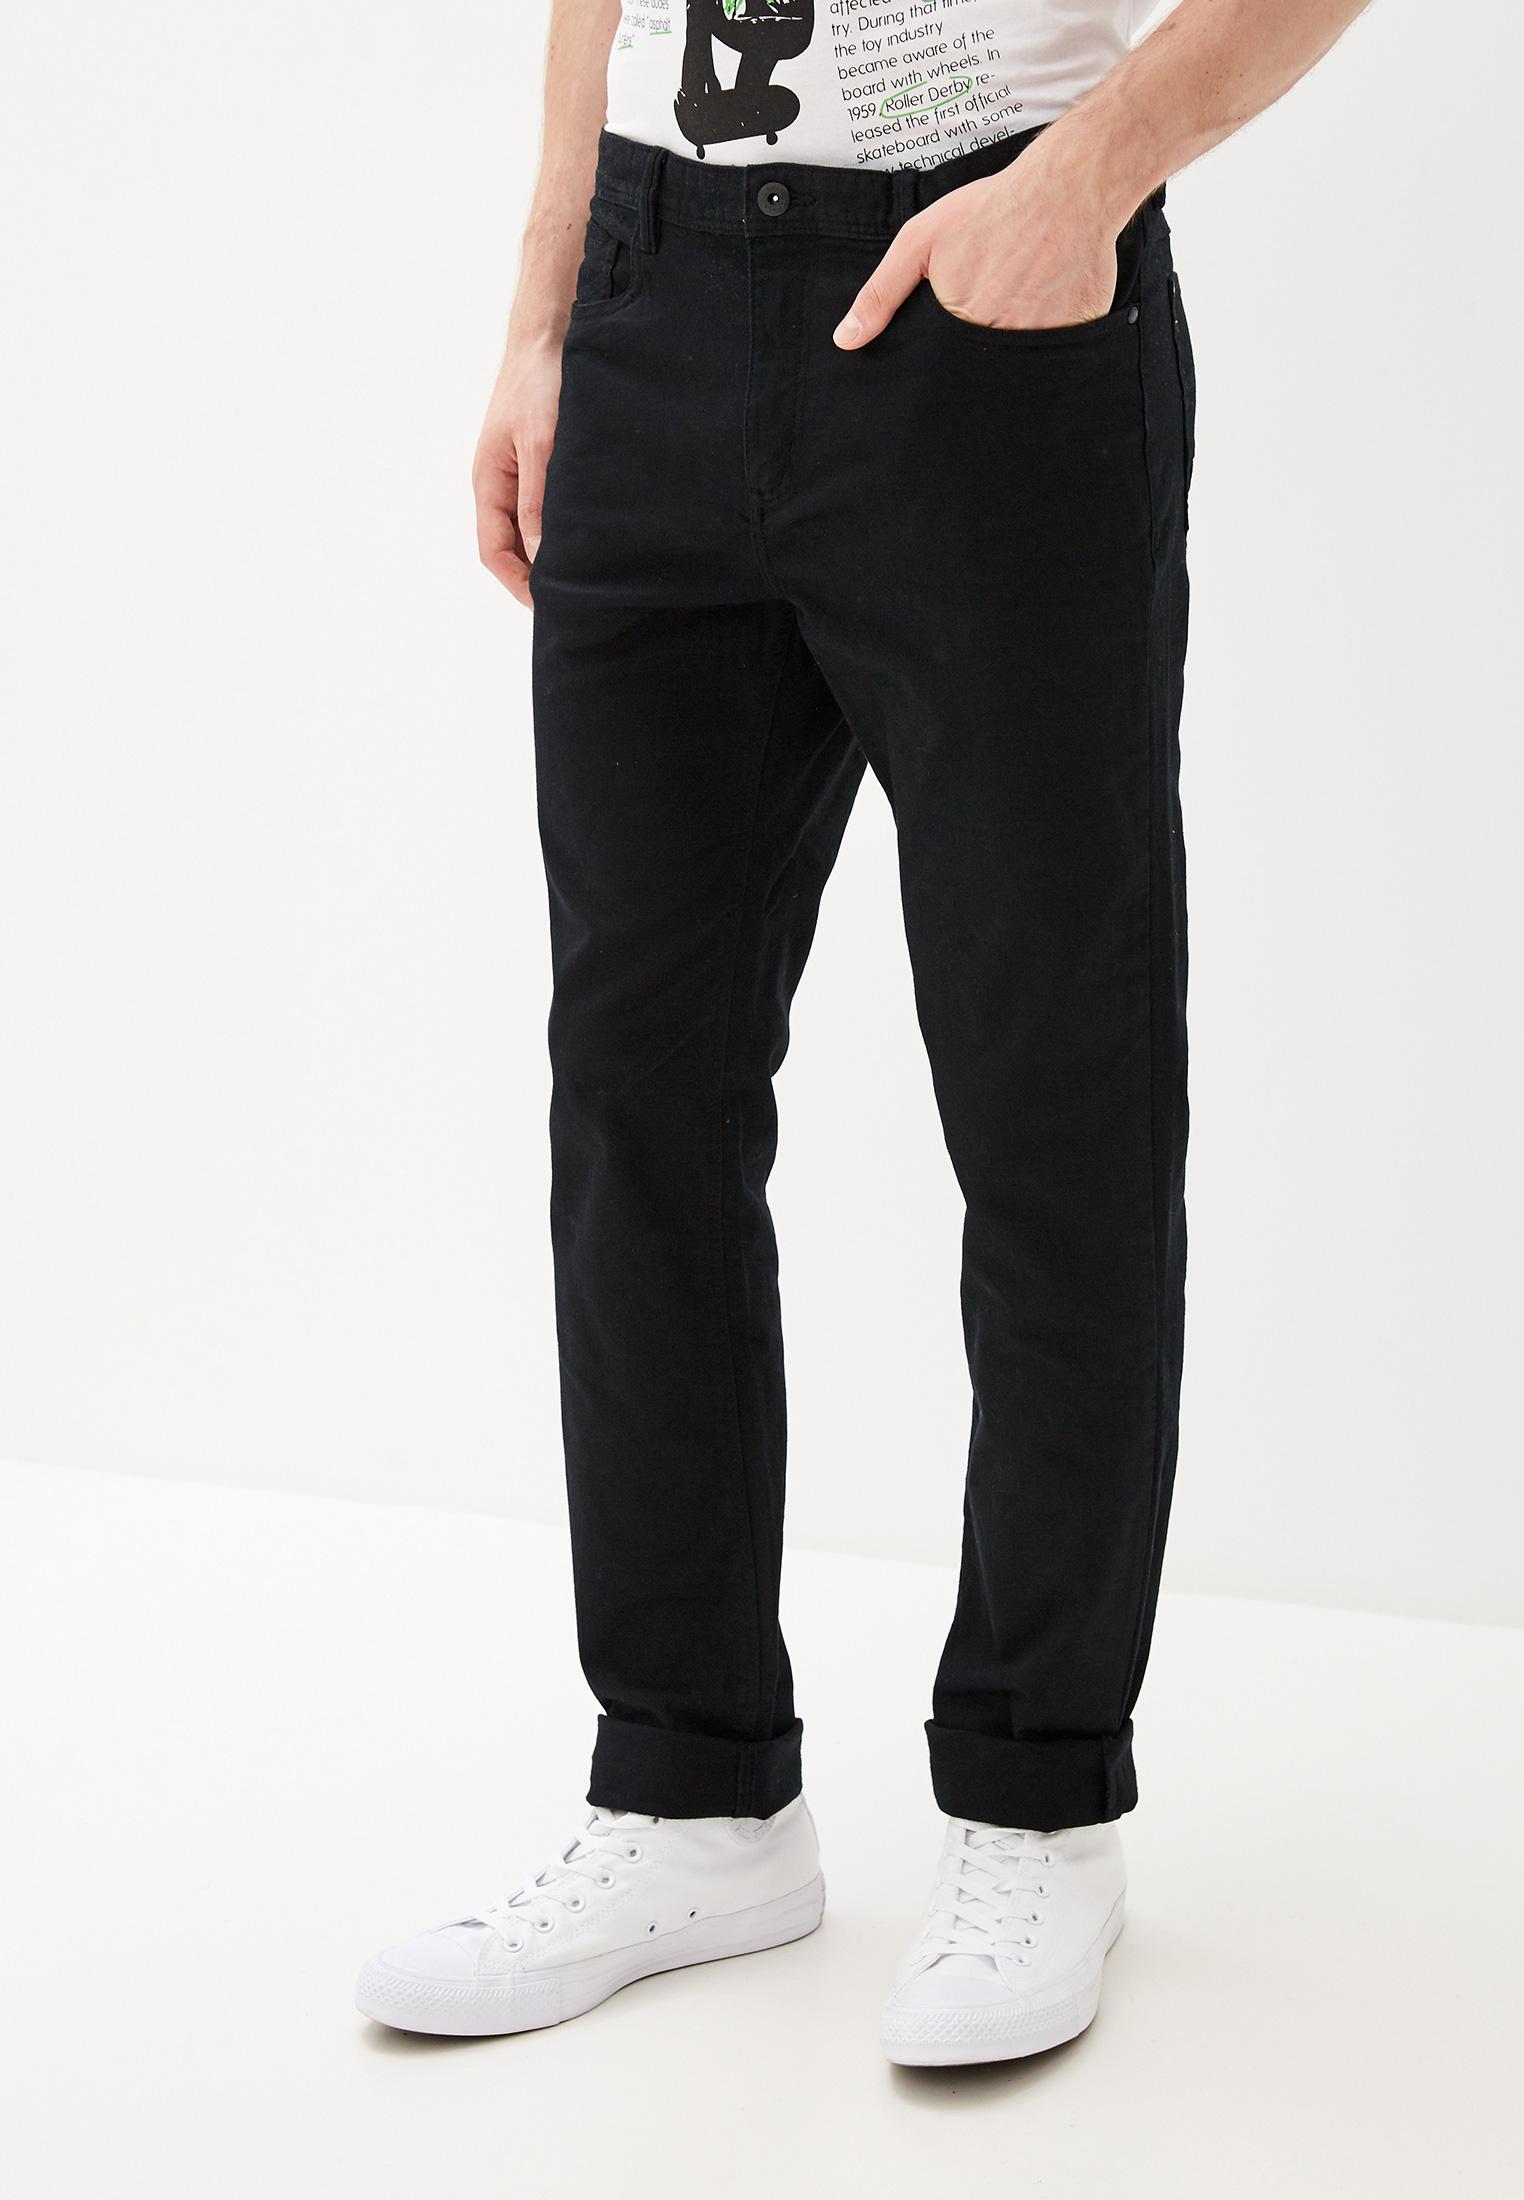 Мужские повседневные брюки O'stin MP6V33